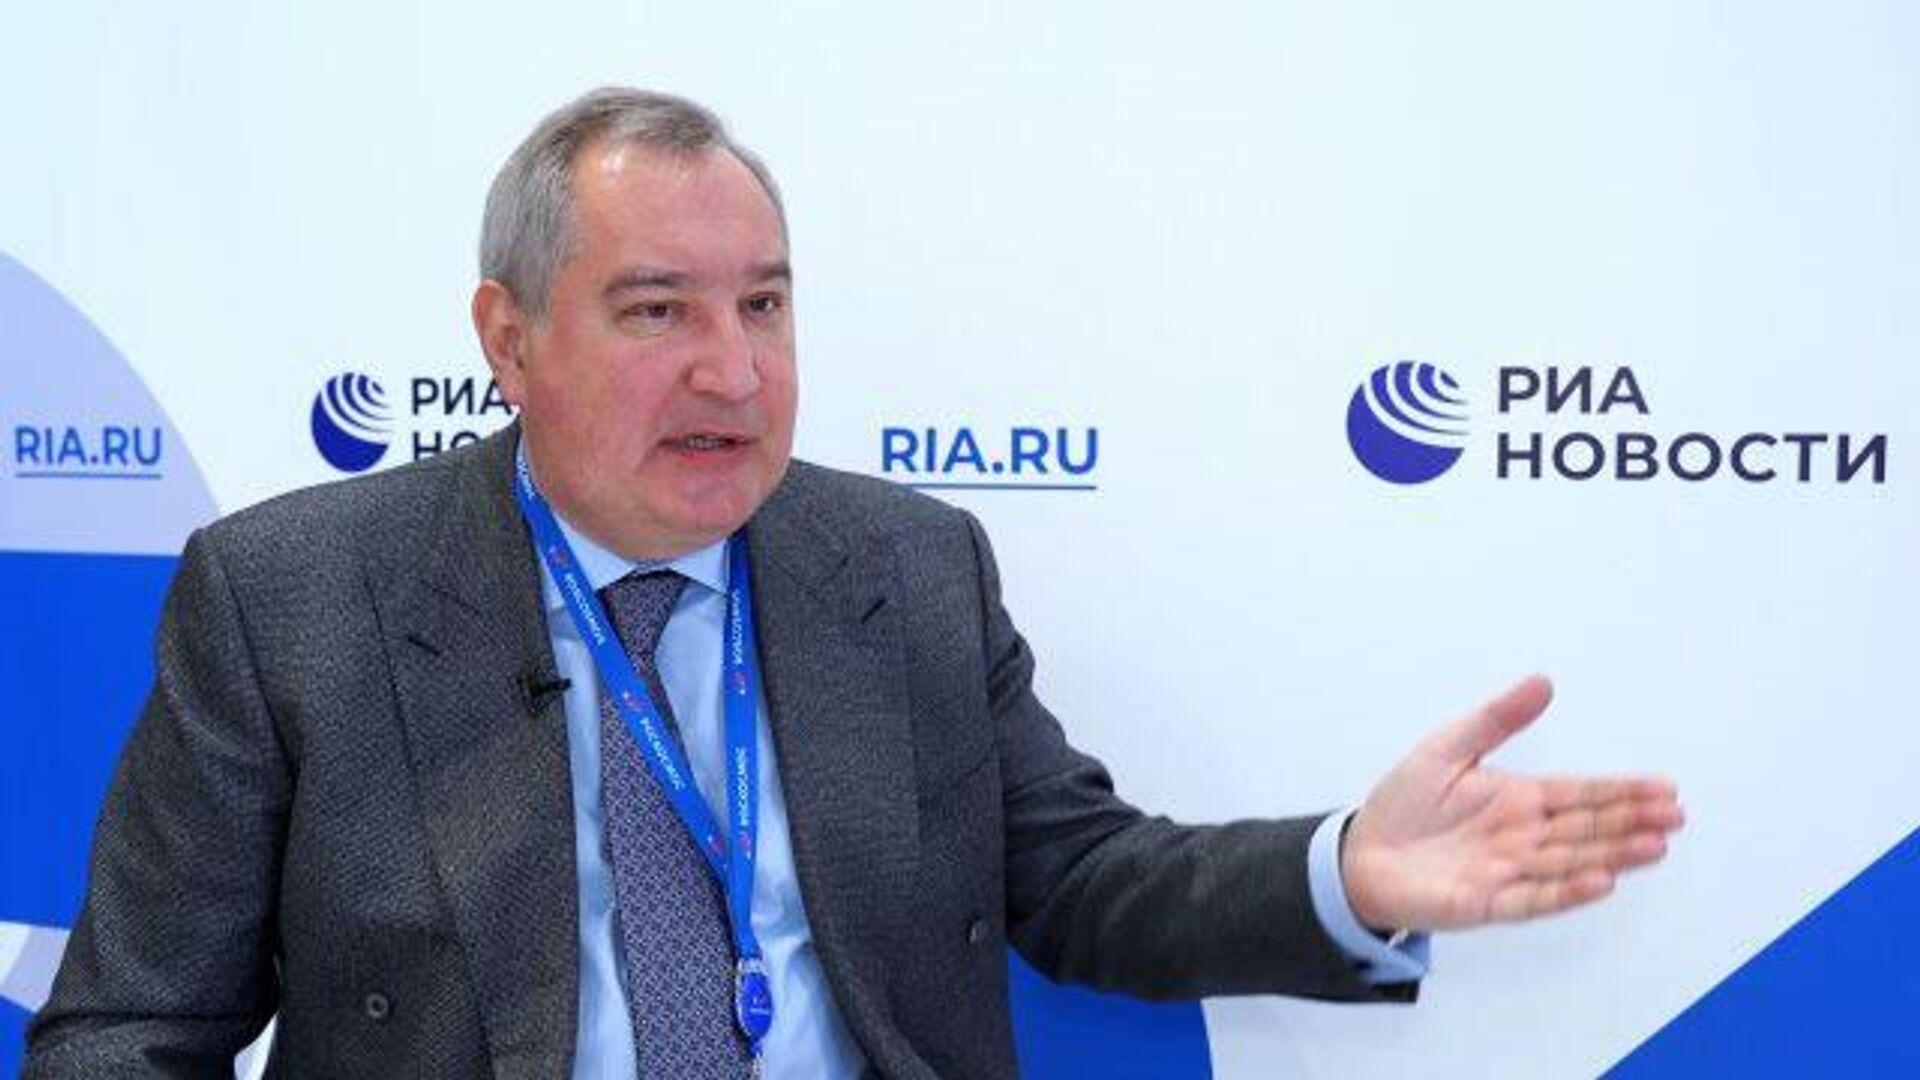 Роскосмос и РАН предложили создать новую орбитальную станцию